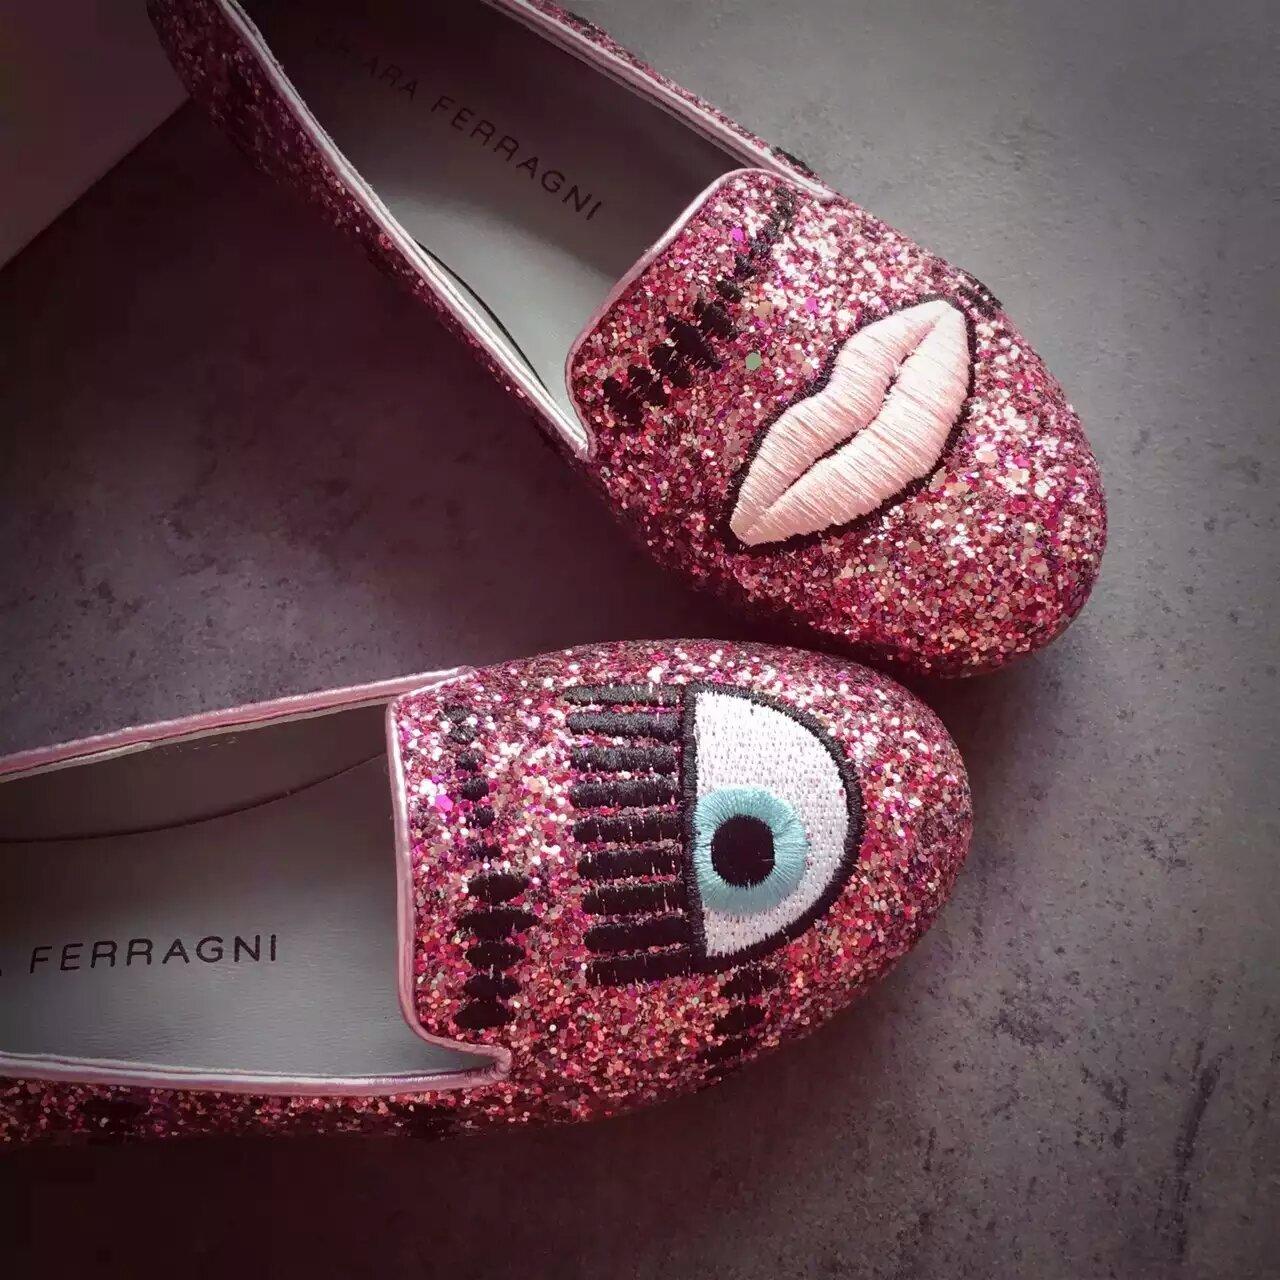 CHIARAFERRAGNI眼睛平底单鞋原单品质